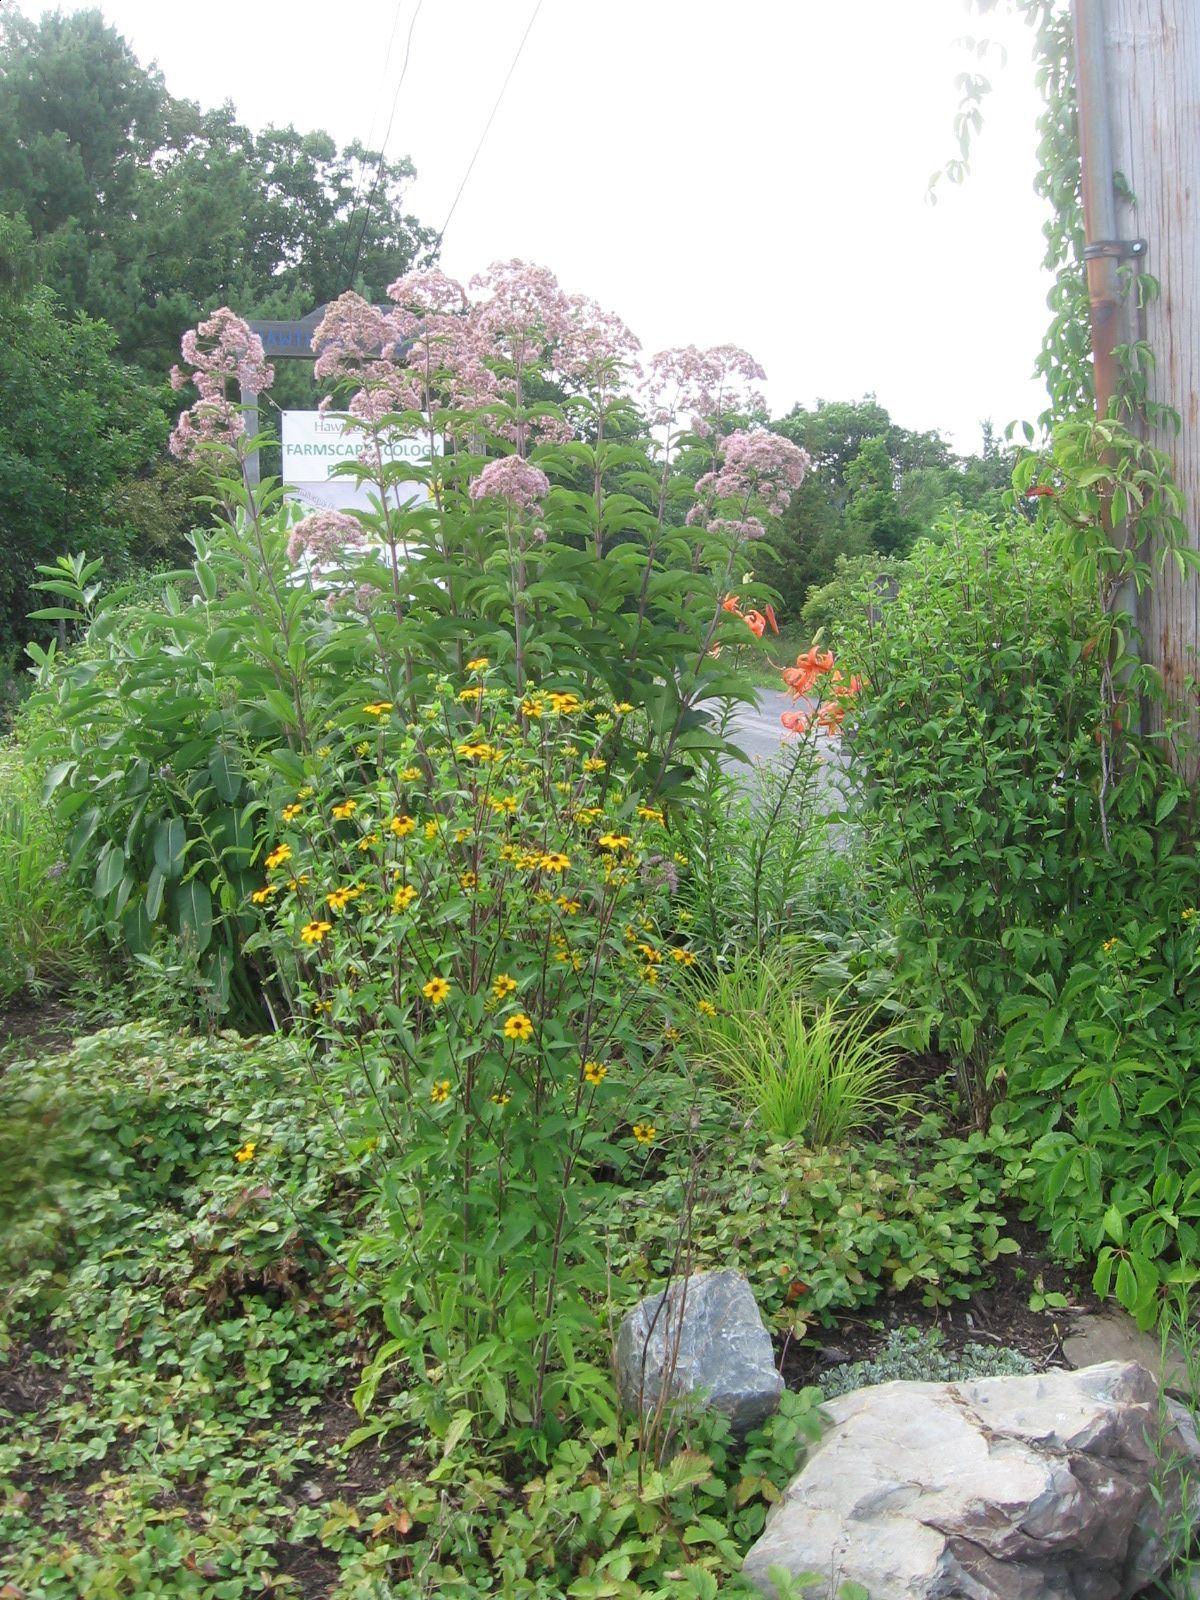 2012 roadside garden in flower